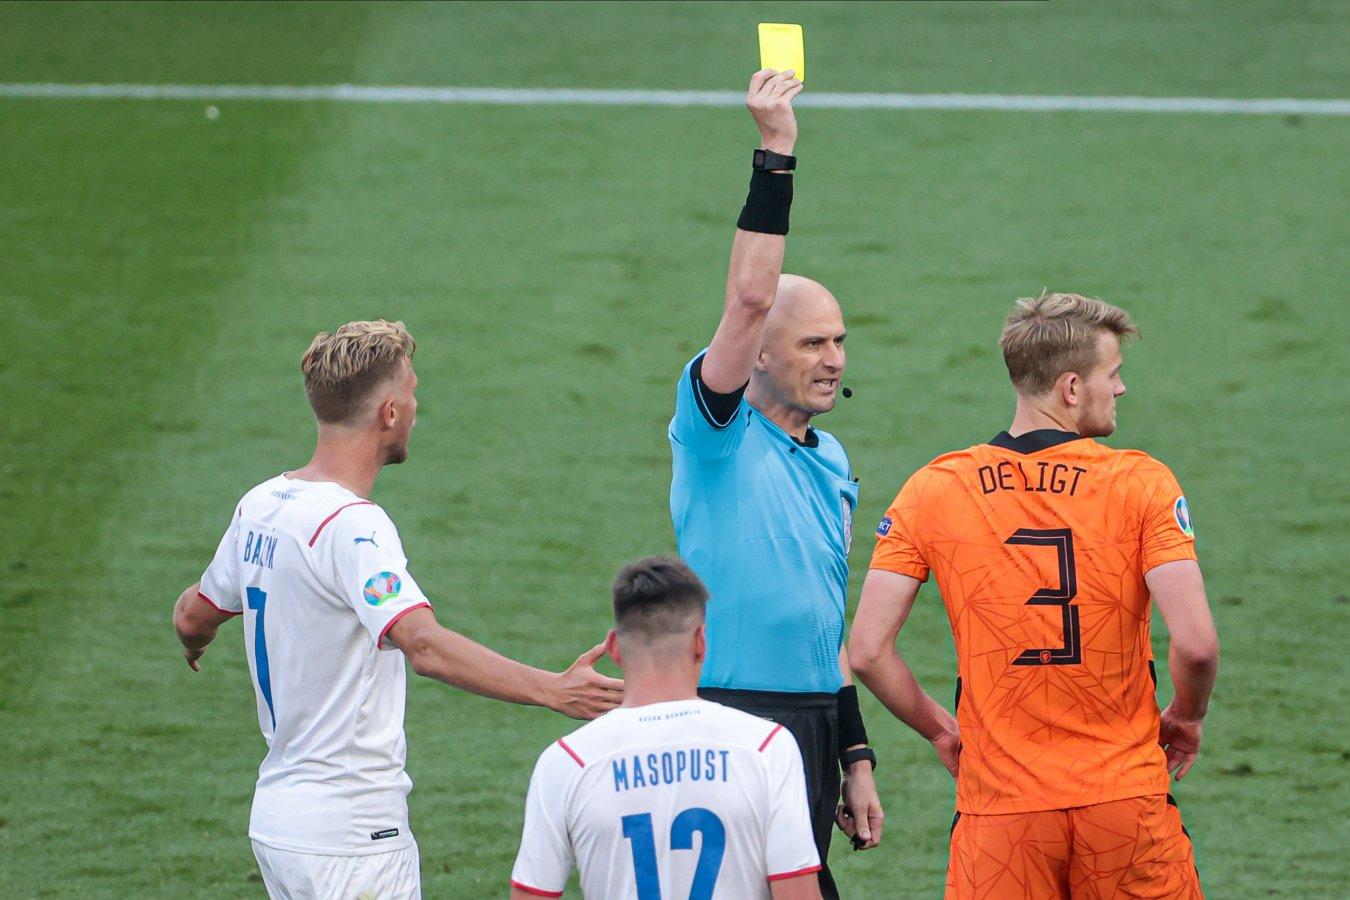 Сергей Карасёв рассказал, почему сразу не удалил де Лигта в матче Нидерланды — Чехия